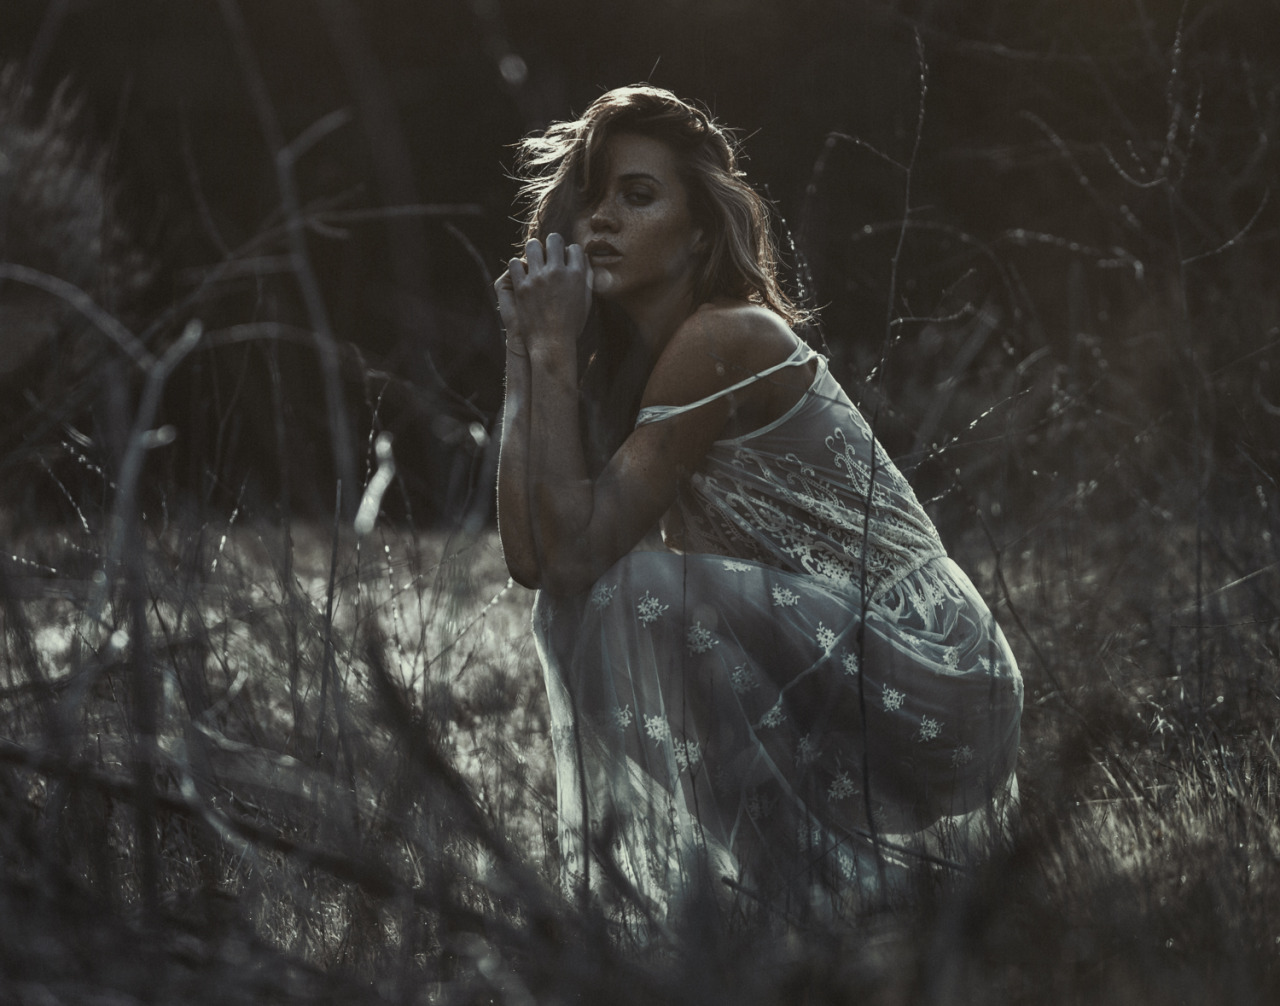 Красивая обнаженная девушка / Кеслер Тран - Kesler Tran